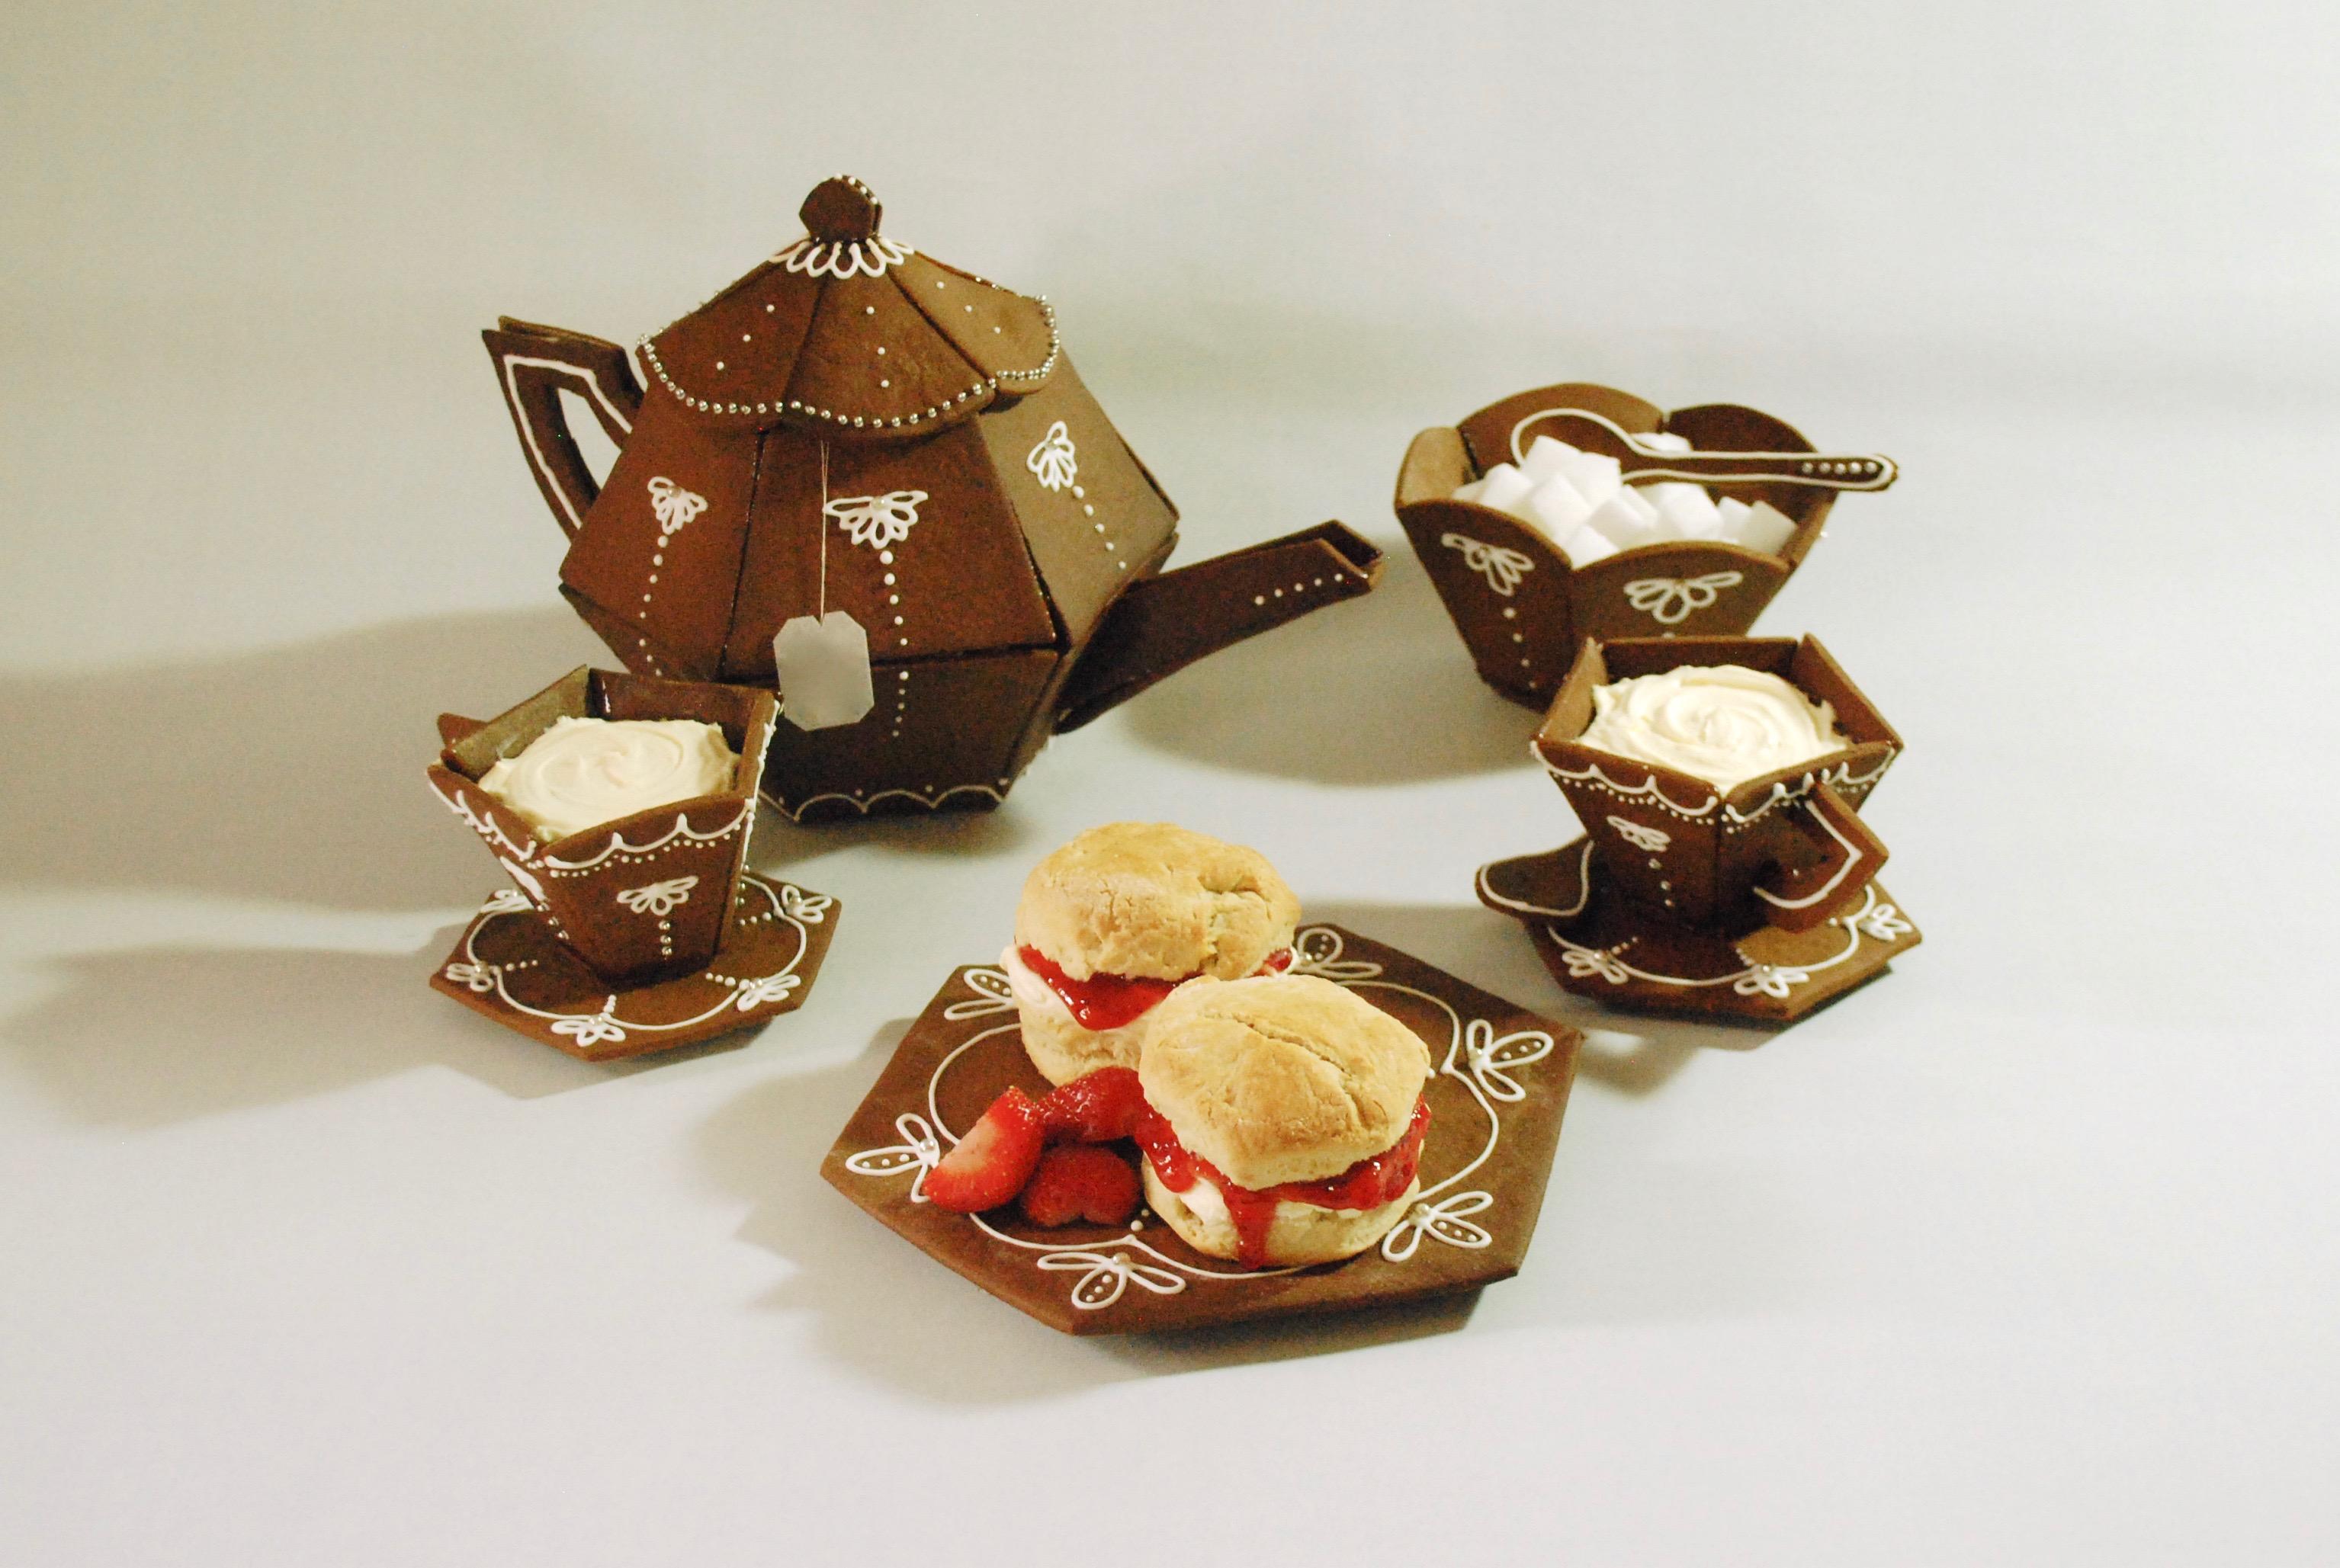 gingerbread tea set